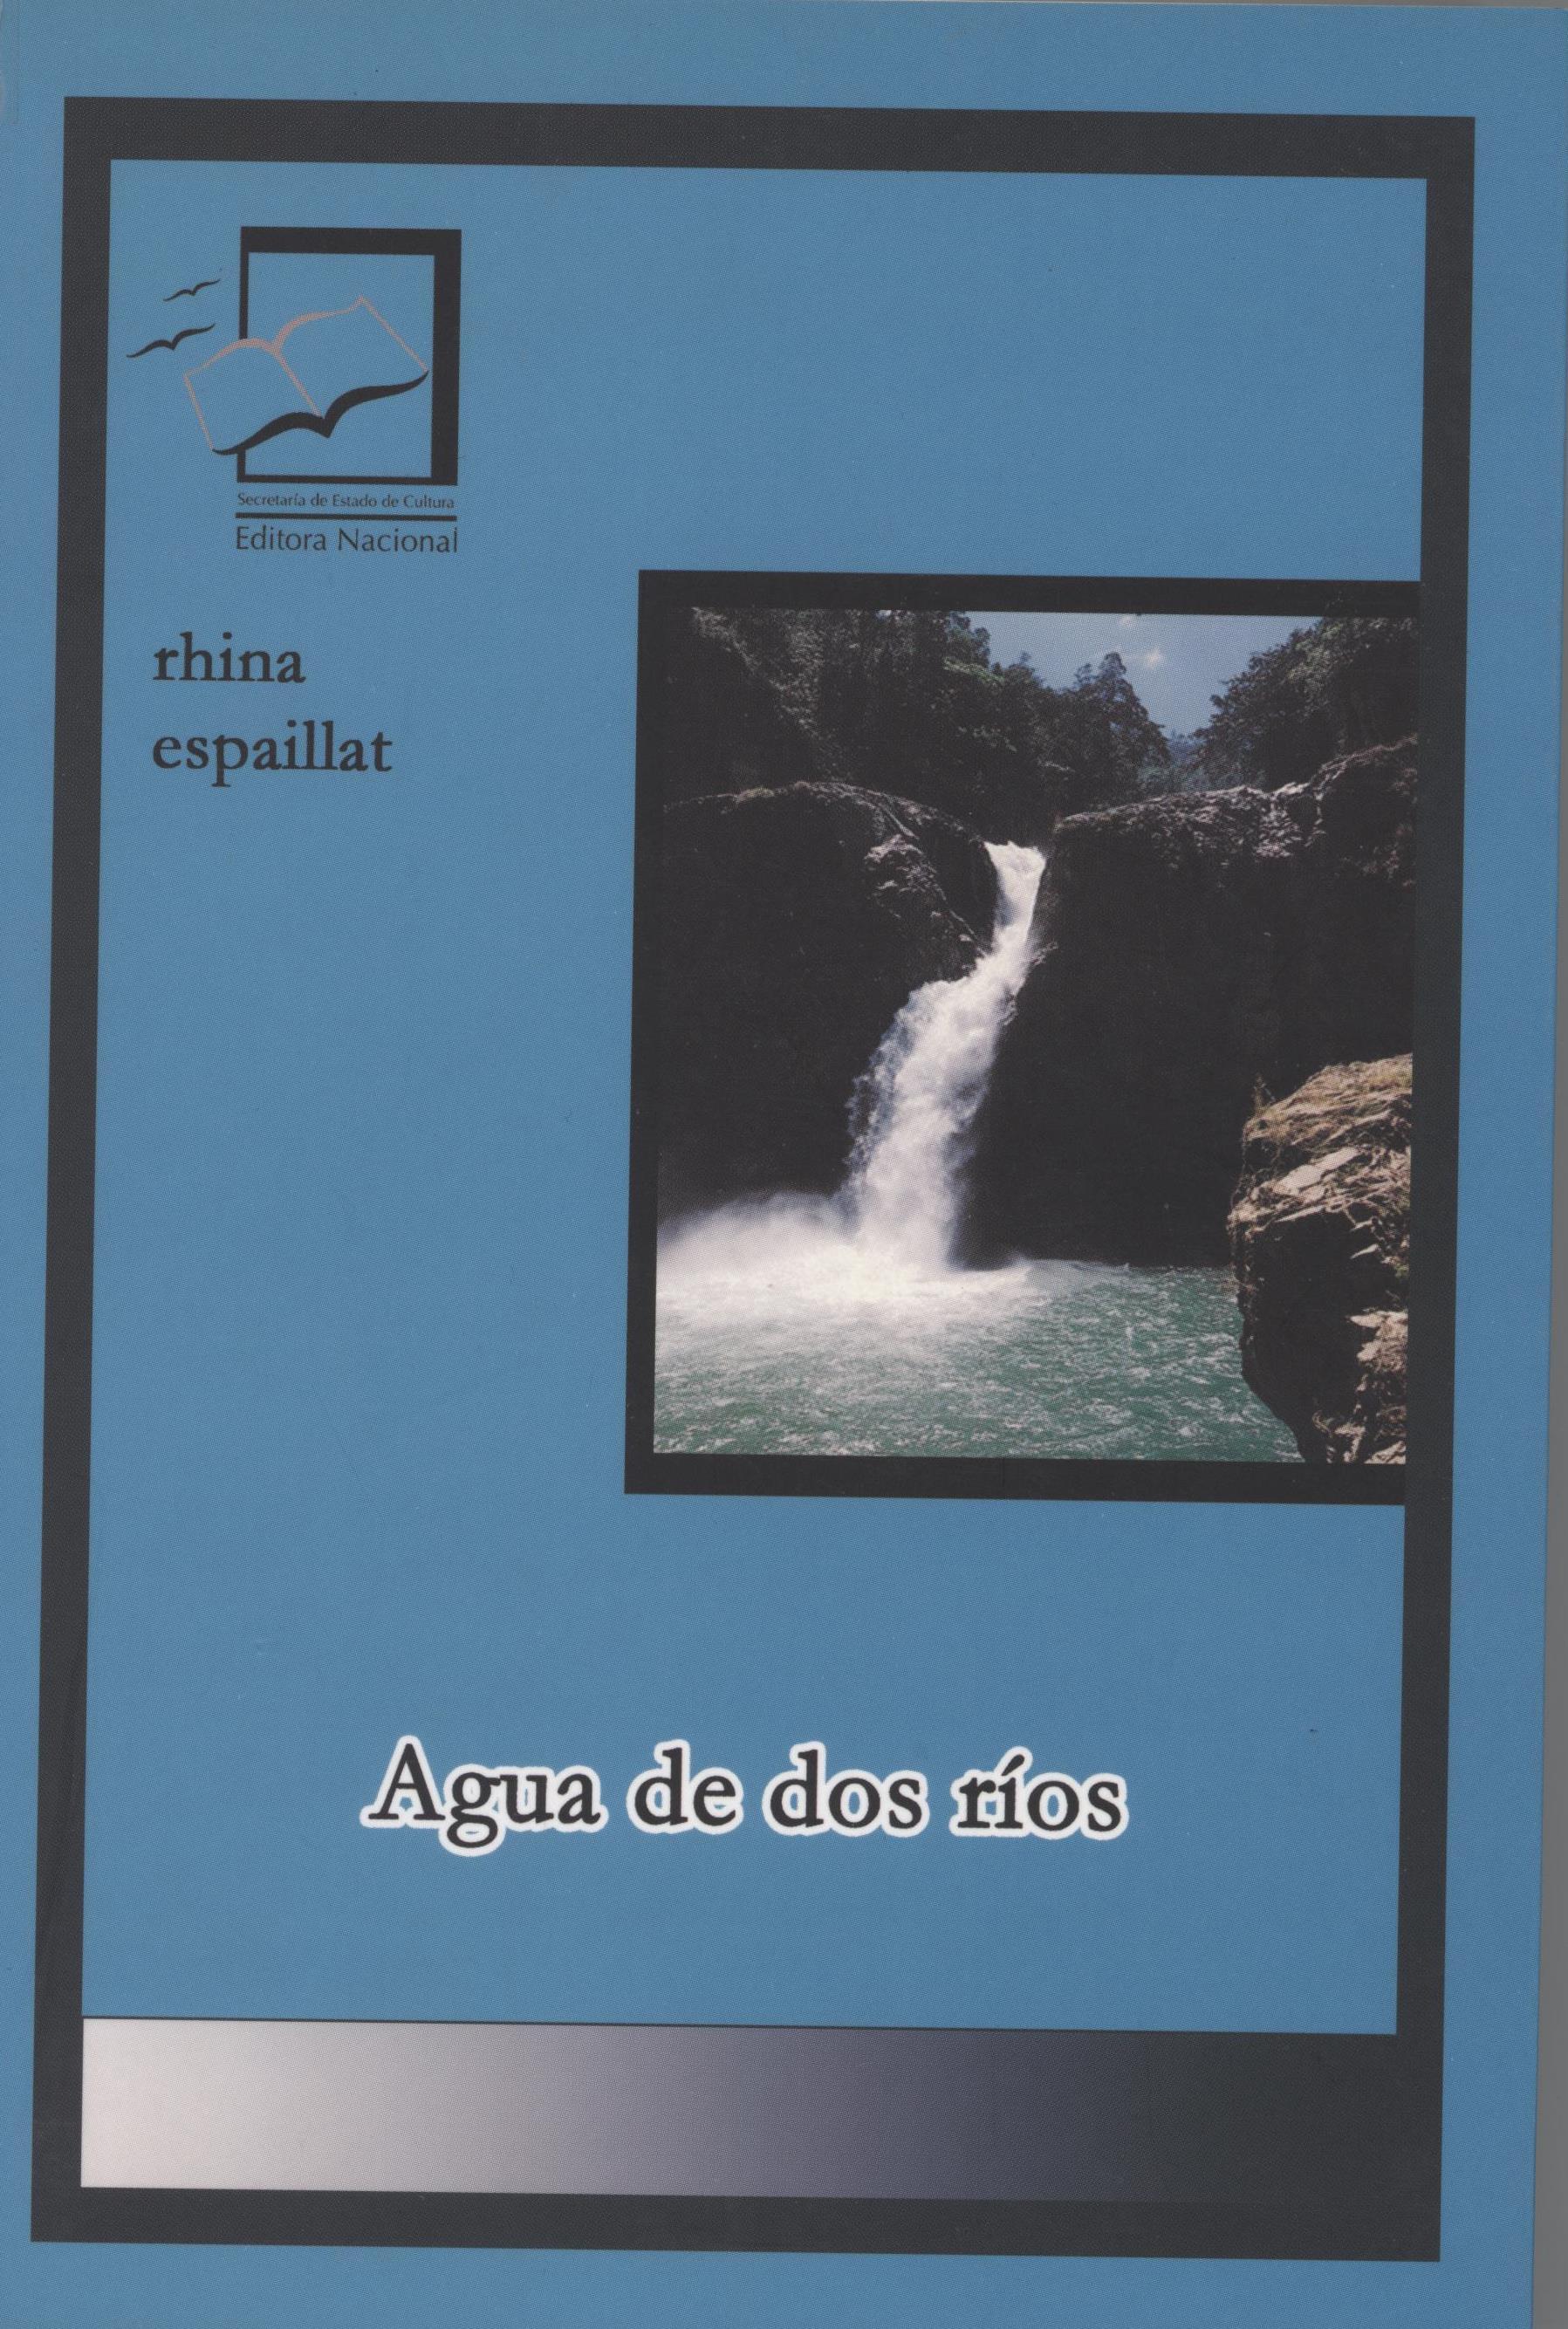 Agua de dos Rios. Rhina Espaillat